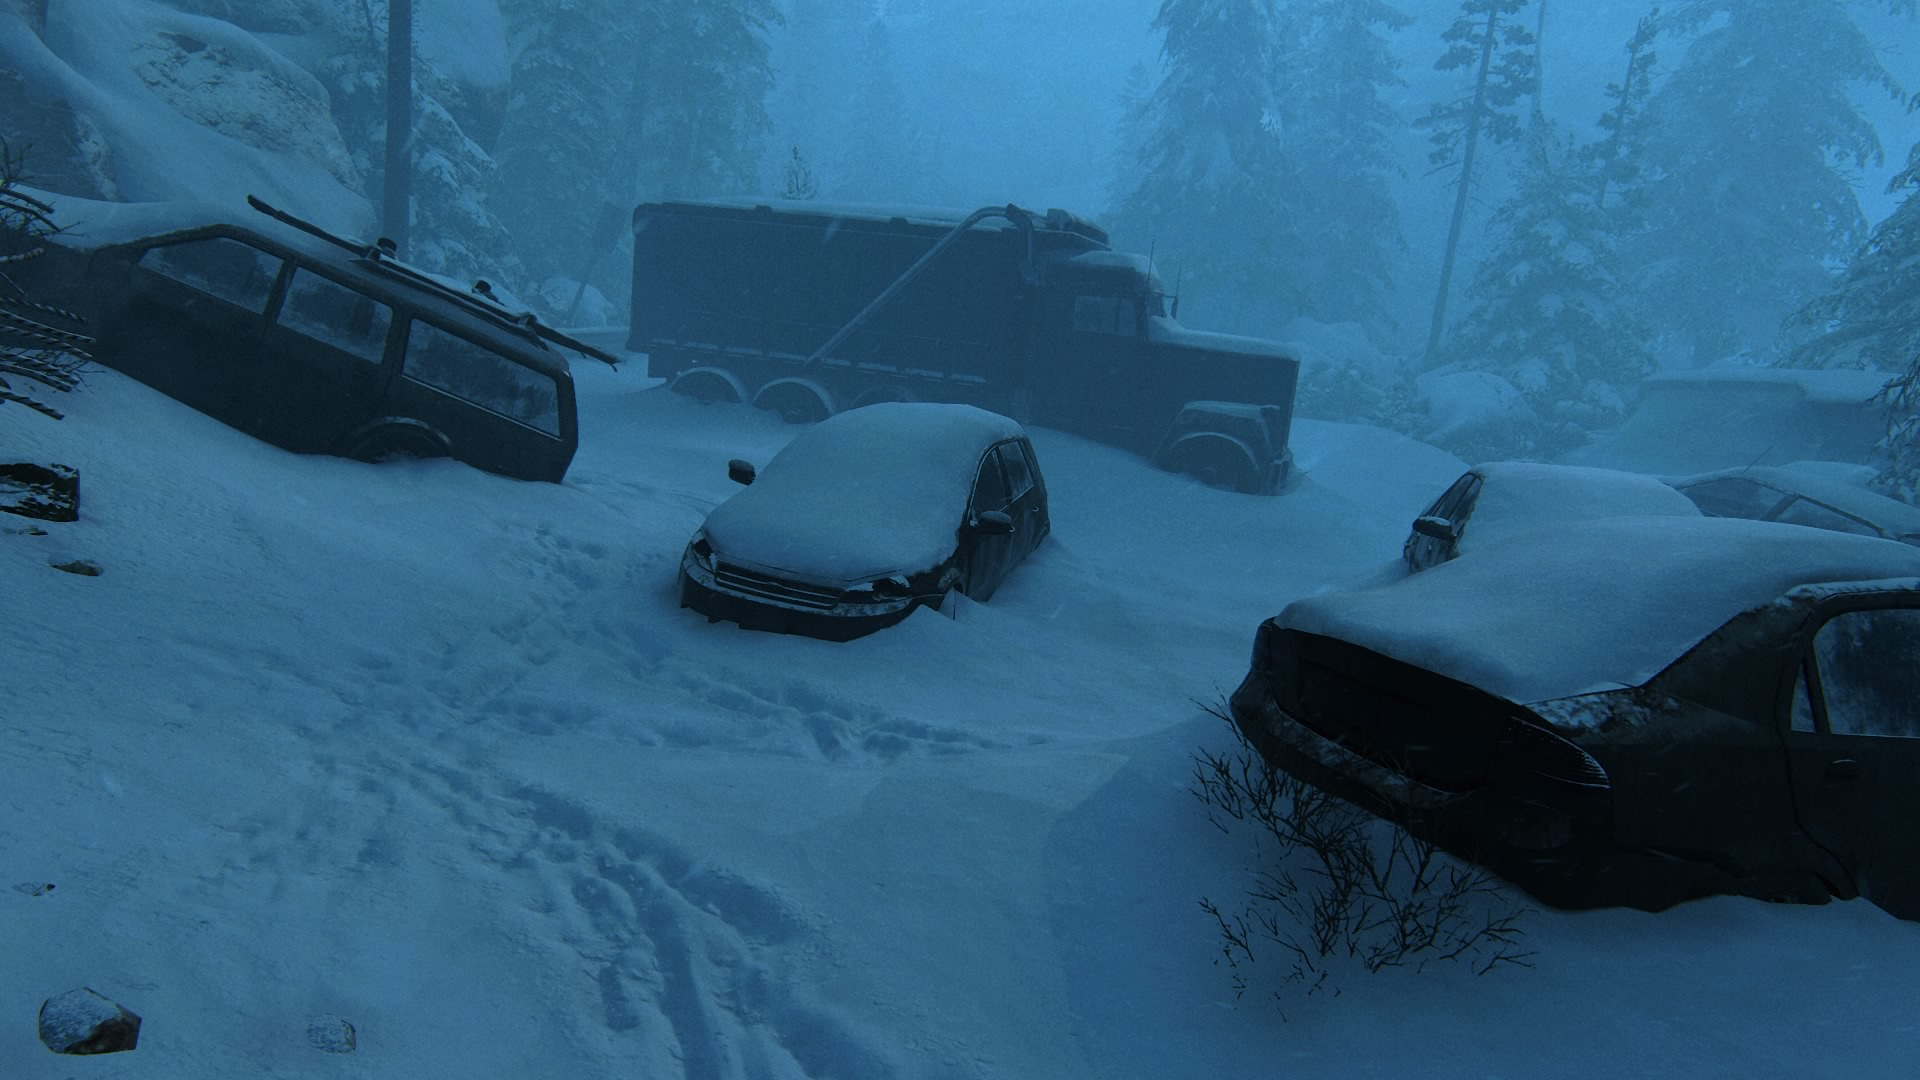 ... Können Aber Die Schönheit Einer Verlassenen Winterlandschaft Nicht Schmälern.